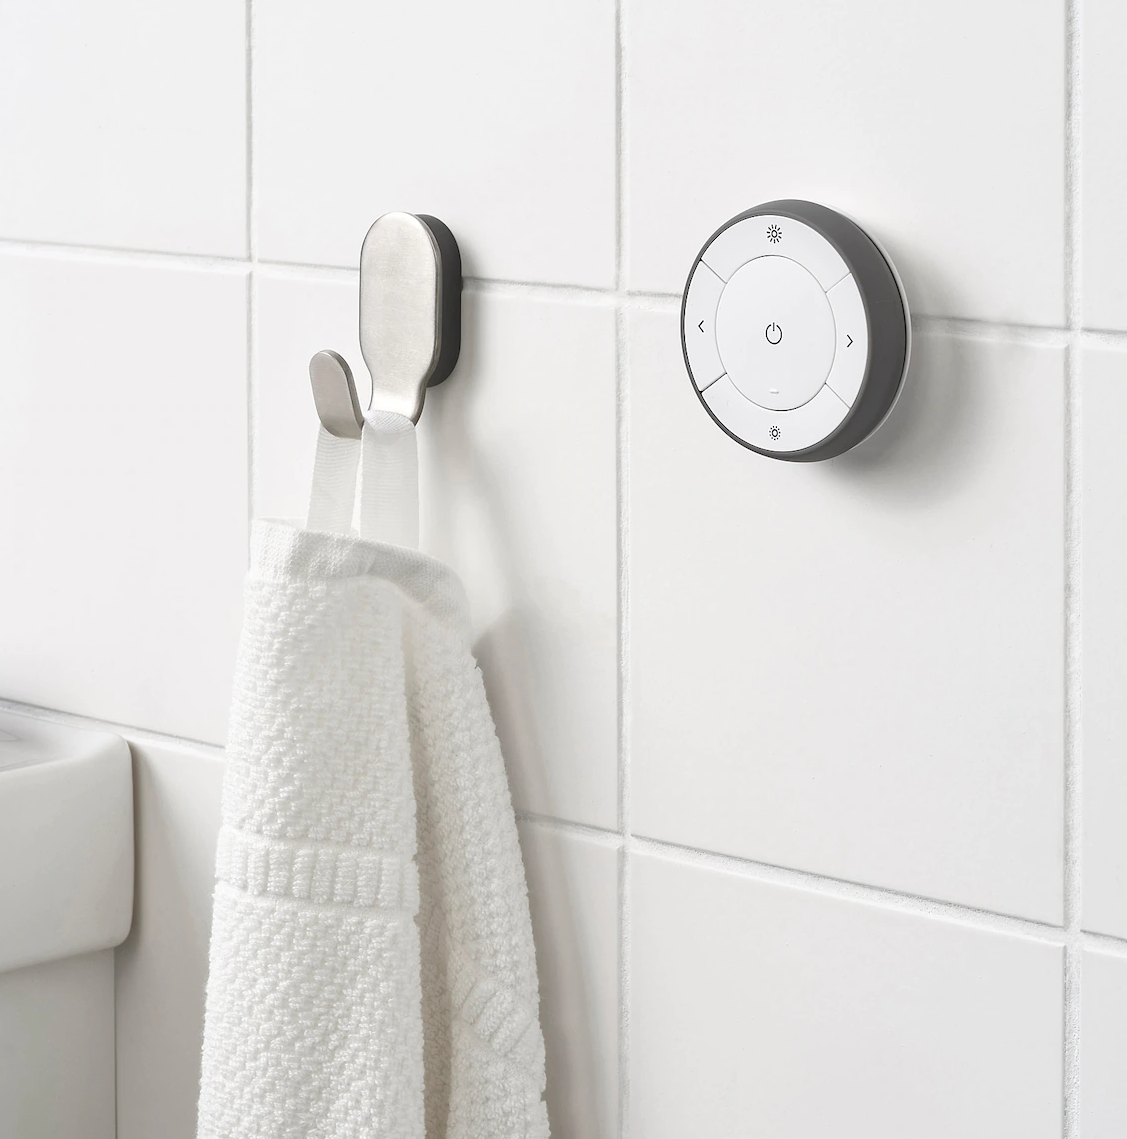 Ikea Trådfri im Test: Das preisgünstige Smart-Home-System -